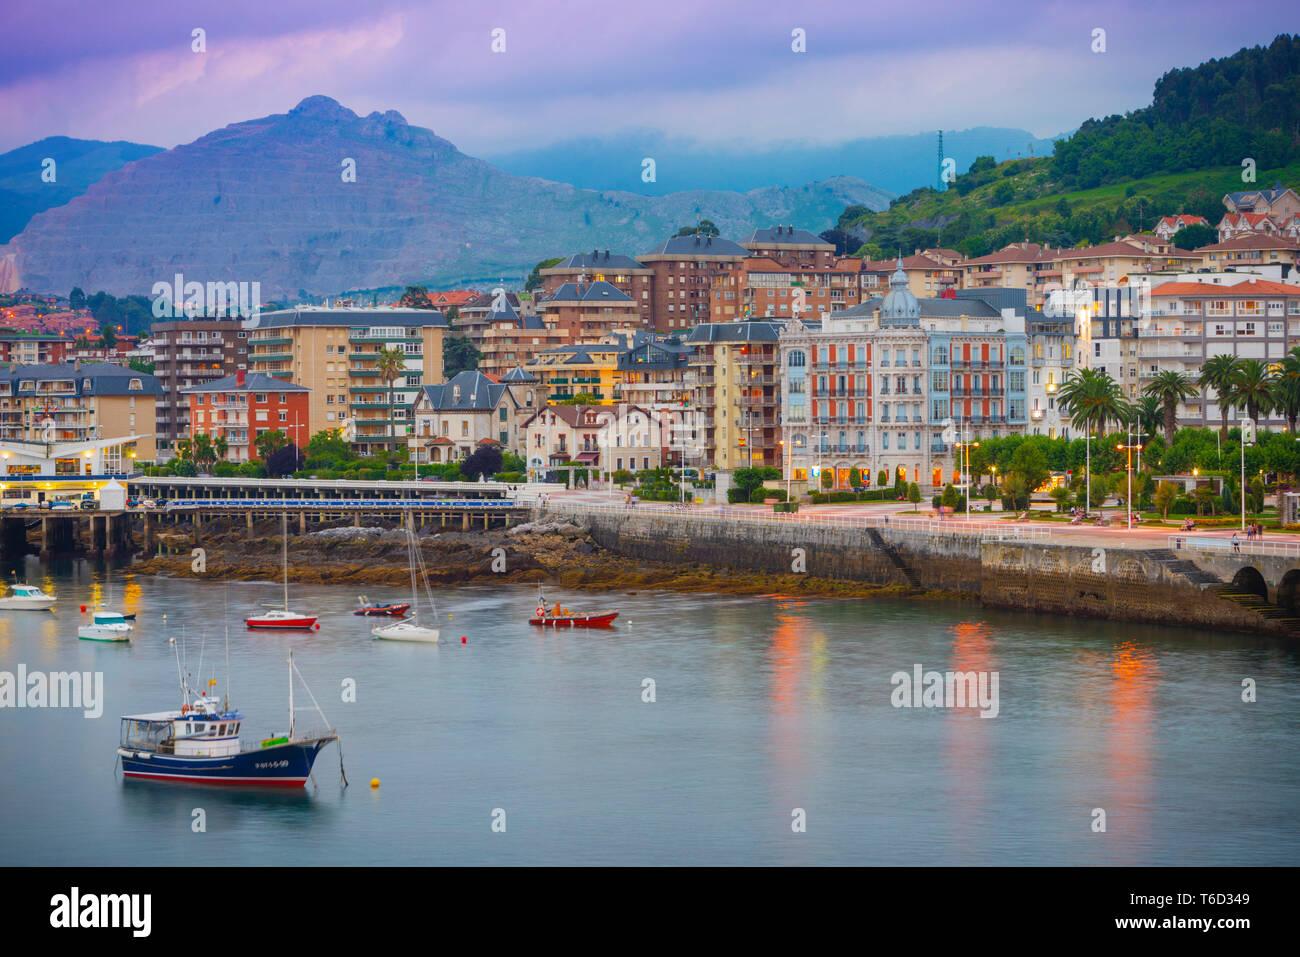 L'Espagne, Cantabria, Castro-Urdiales, vue de la ville et le port. Banque D'Images